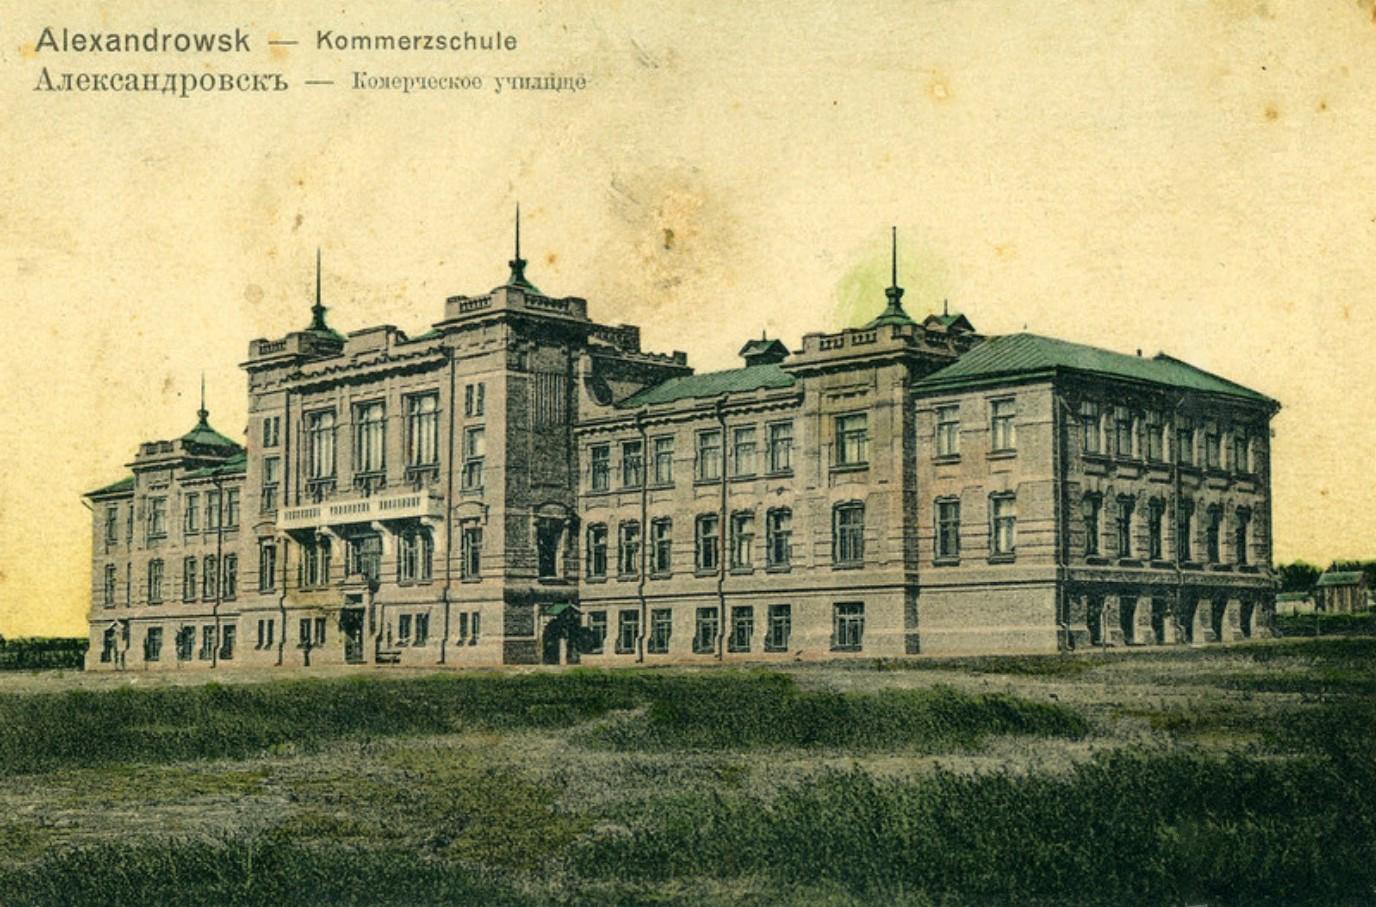 Коммерческое училище